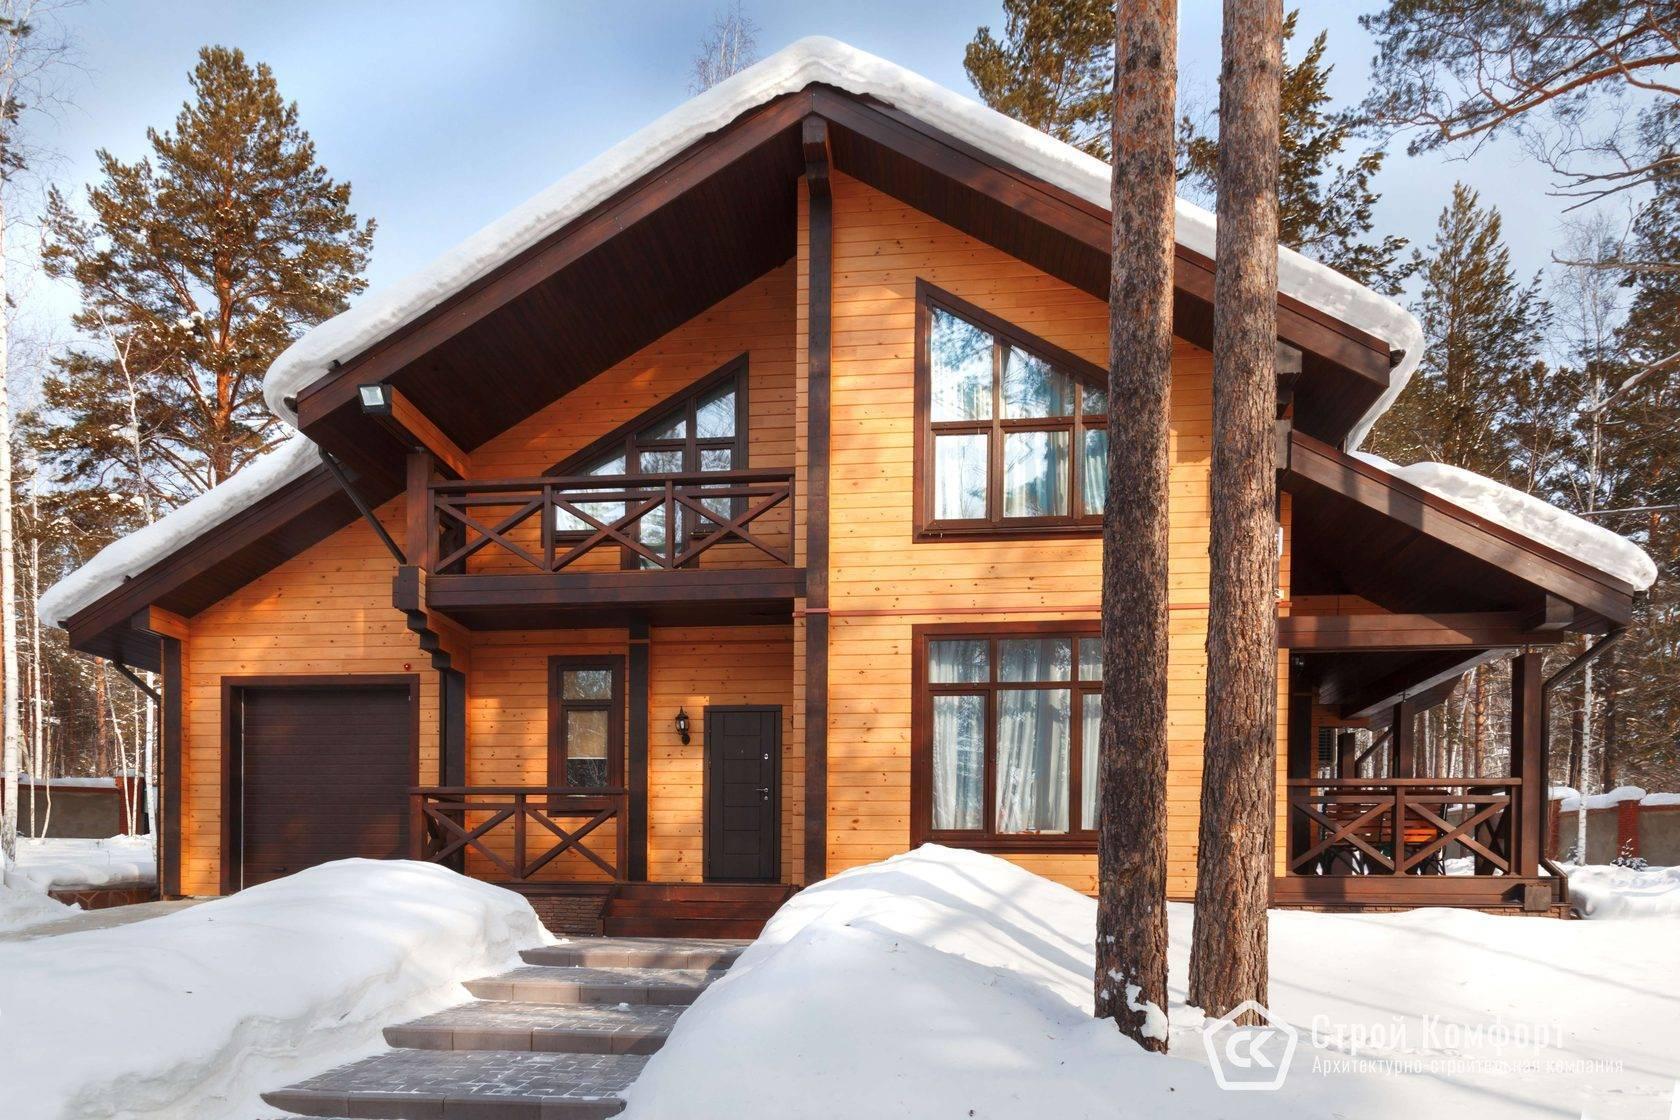 Шале с барбекю - строительство дома из бруса за 6219130руб под ключ   русский стиль